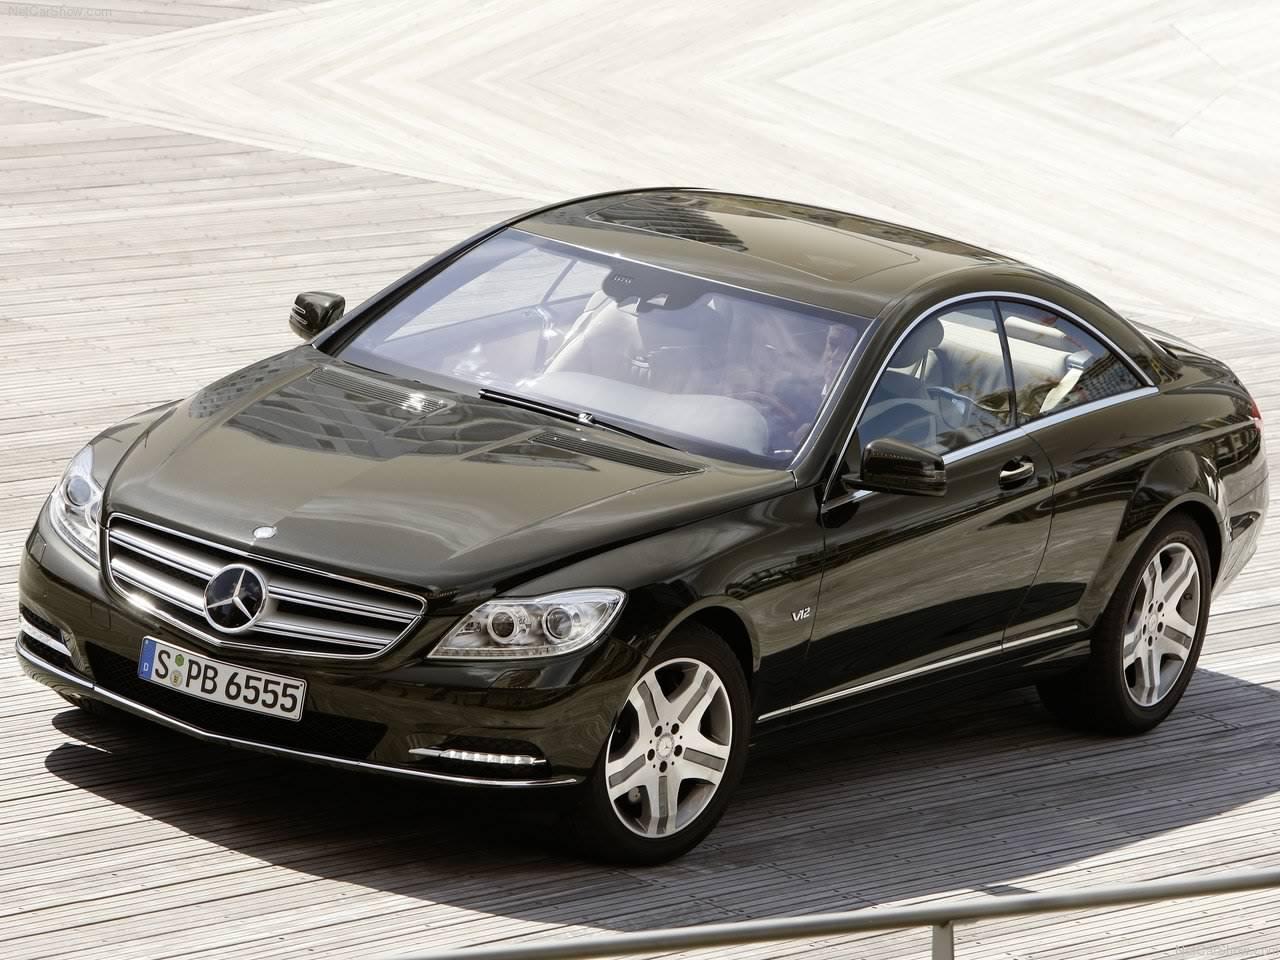 Mercedes-Benz Auto Car: 2011 Mercedes-Benz CL-Class